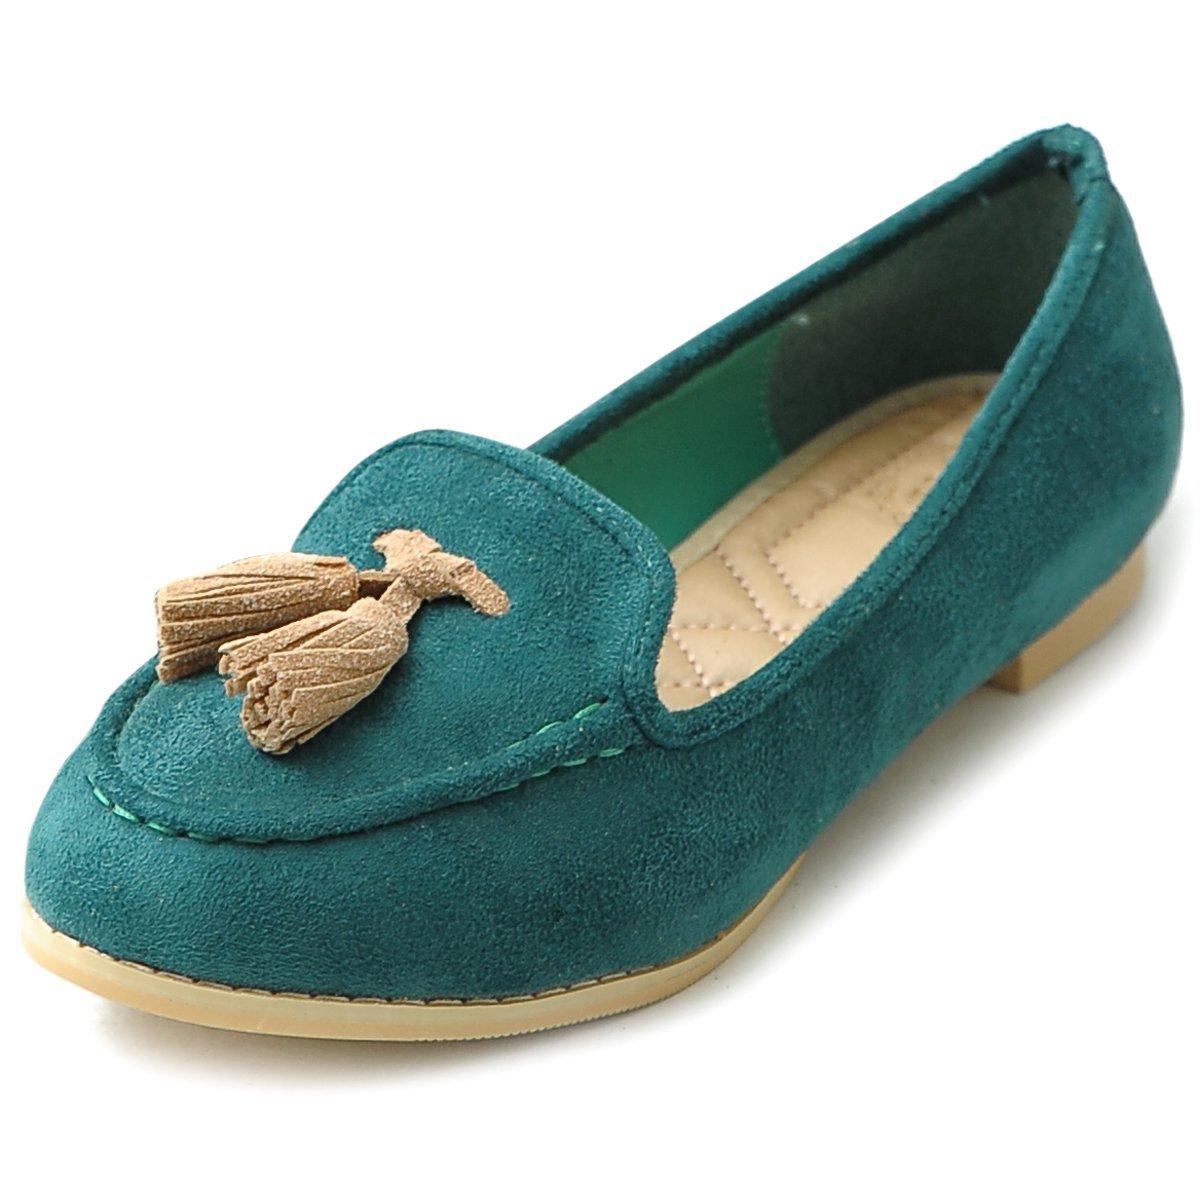 Ollio Women's Ballet Shoe Tassel Faux-Suede Cute Flat B00GFXC0ZO 8.5 B(M) US|Dark Green